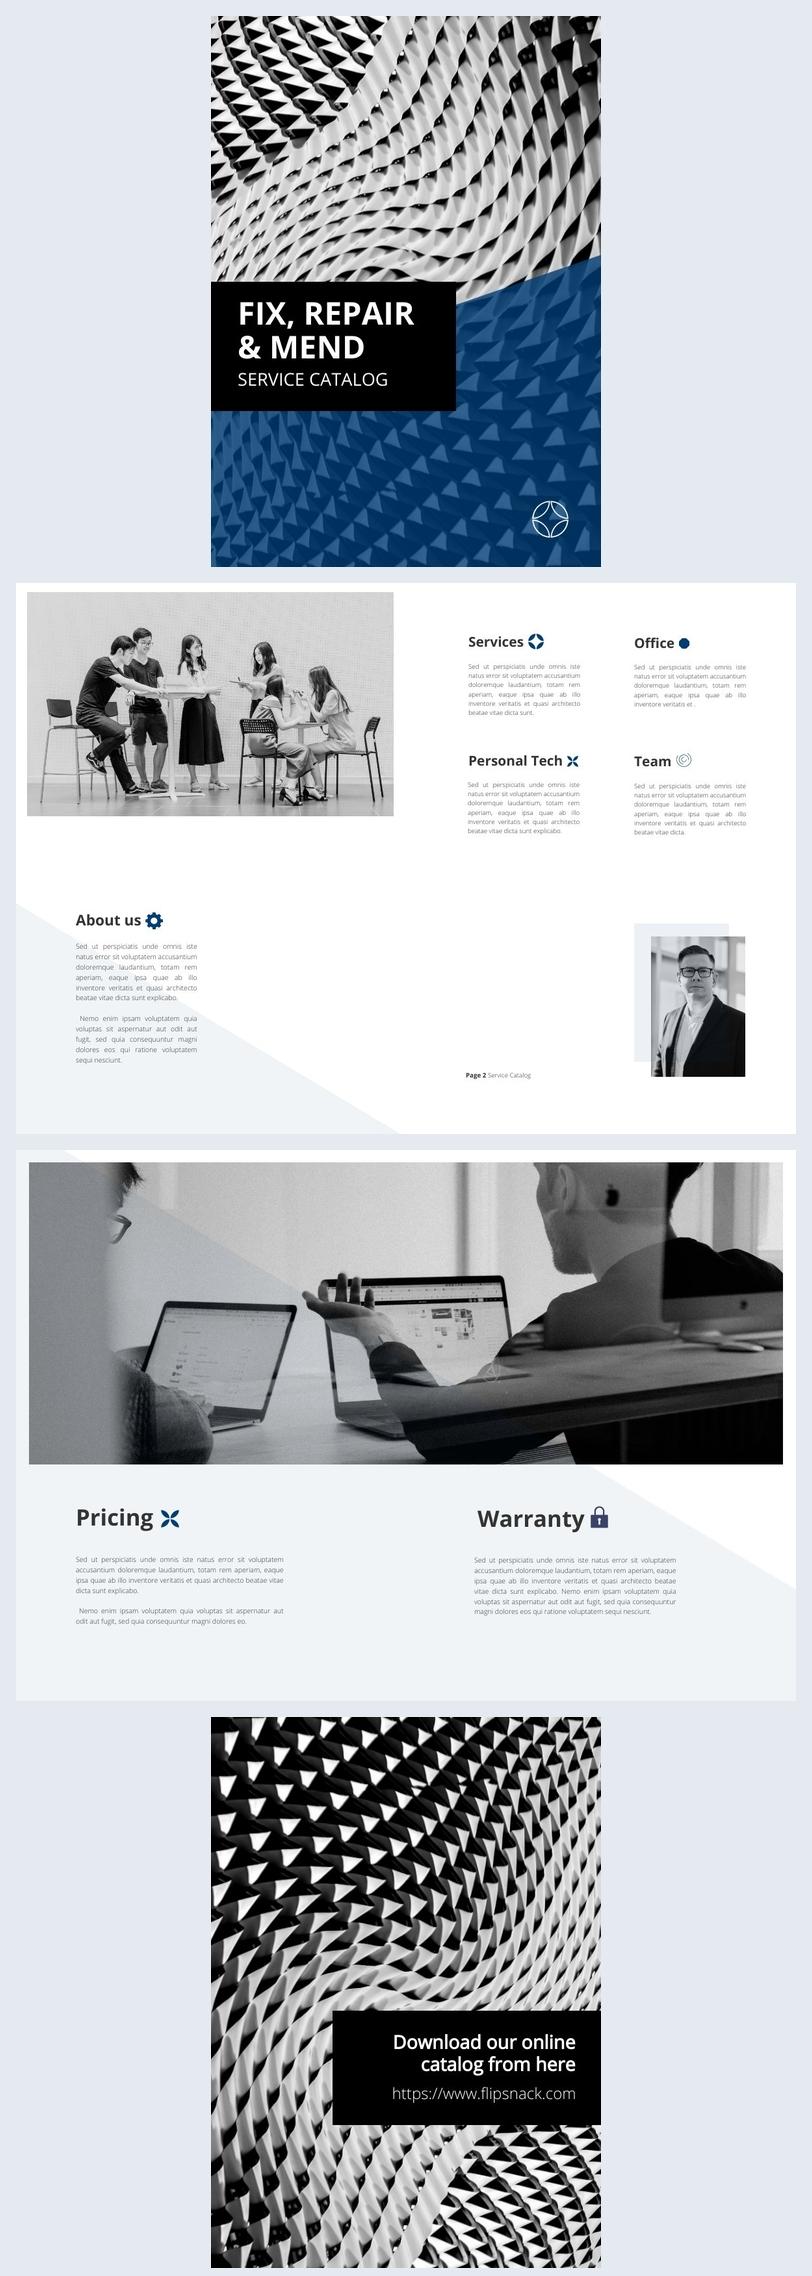 Ejemplo de diseño para catálogo de servicios